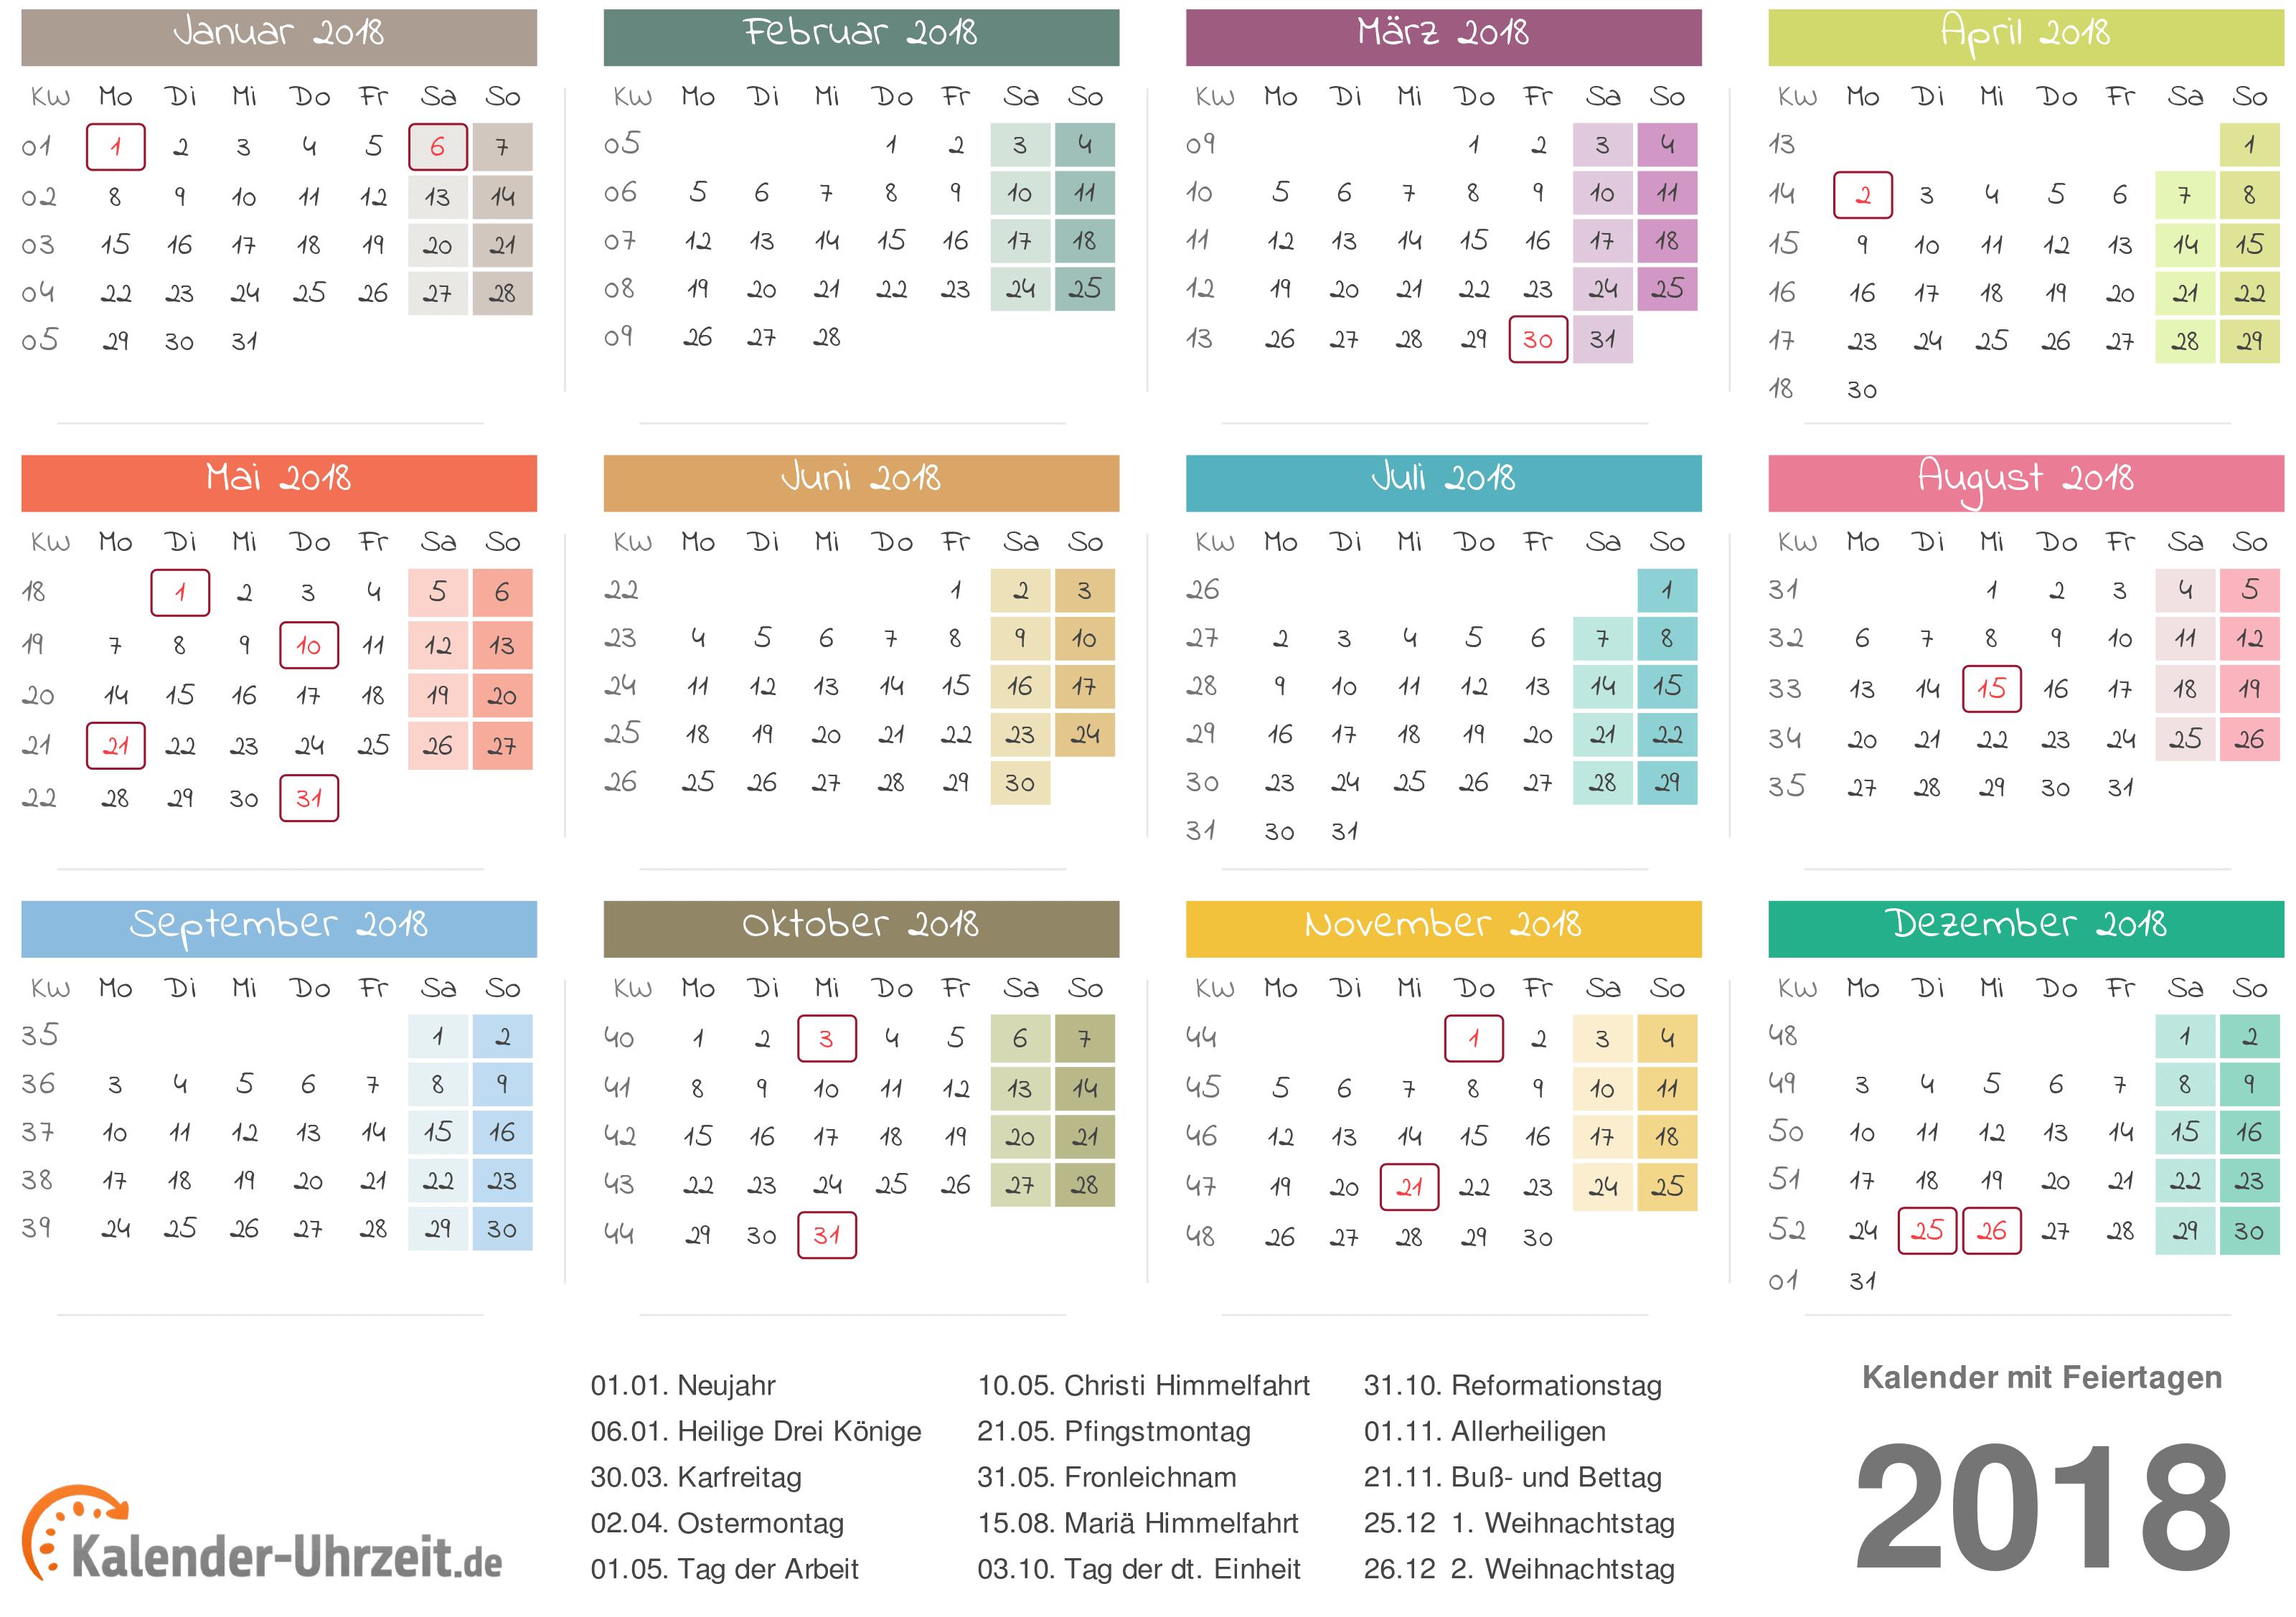 Kalender 2018 mit Feiertage-Übersicht zum Ausdrucken Vorlage 3